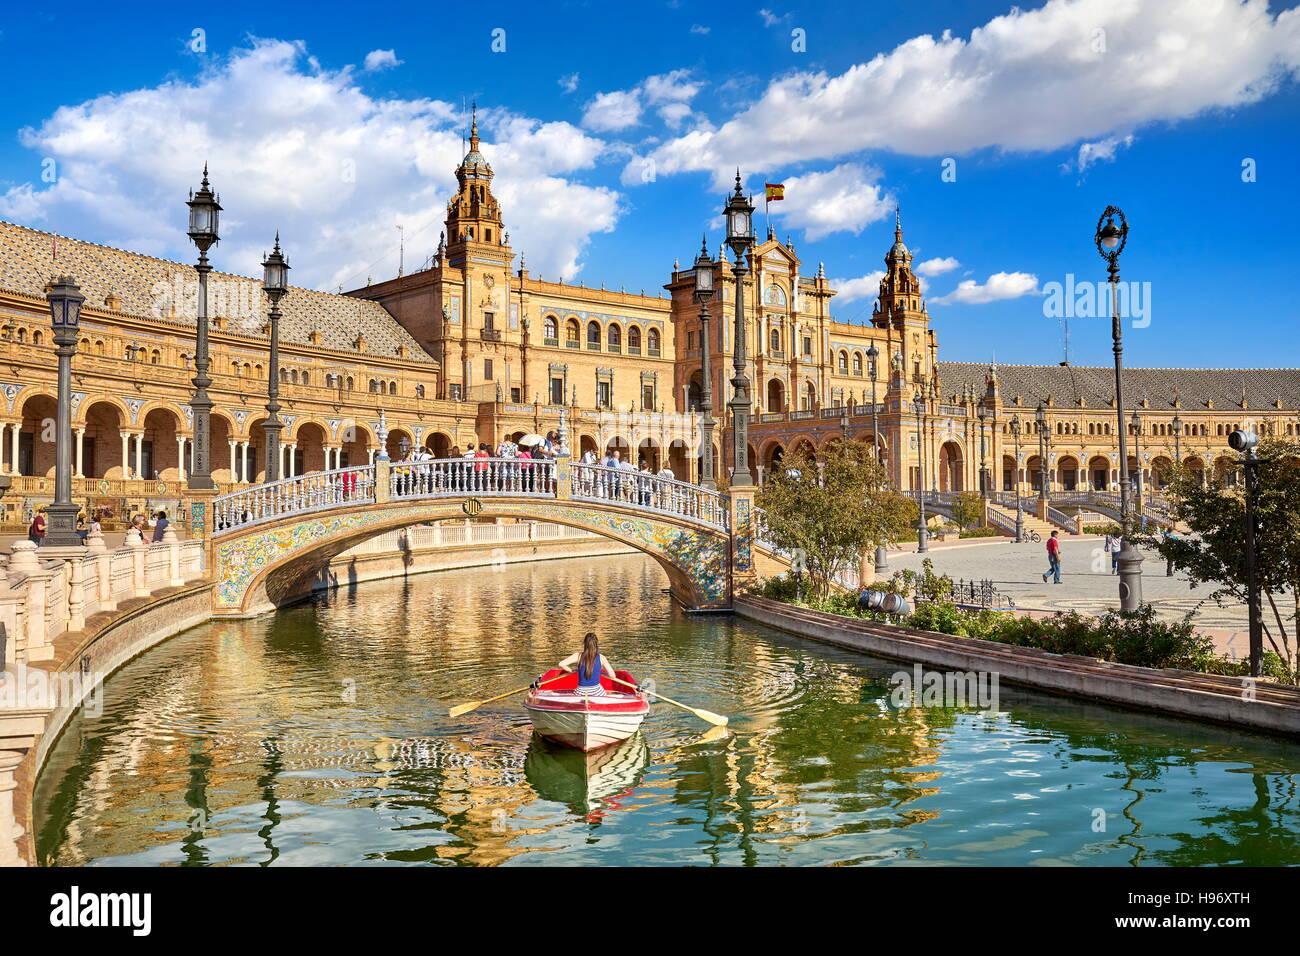 Plaza de Espana, bateau sur le canal, Séville, Espagne Photo Stock